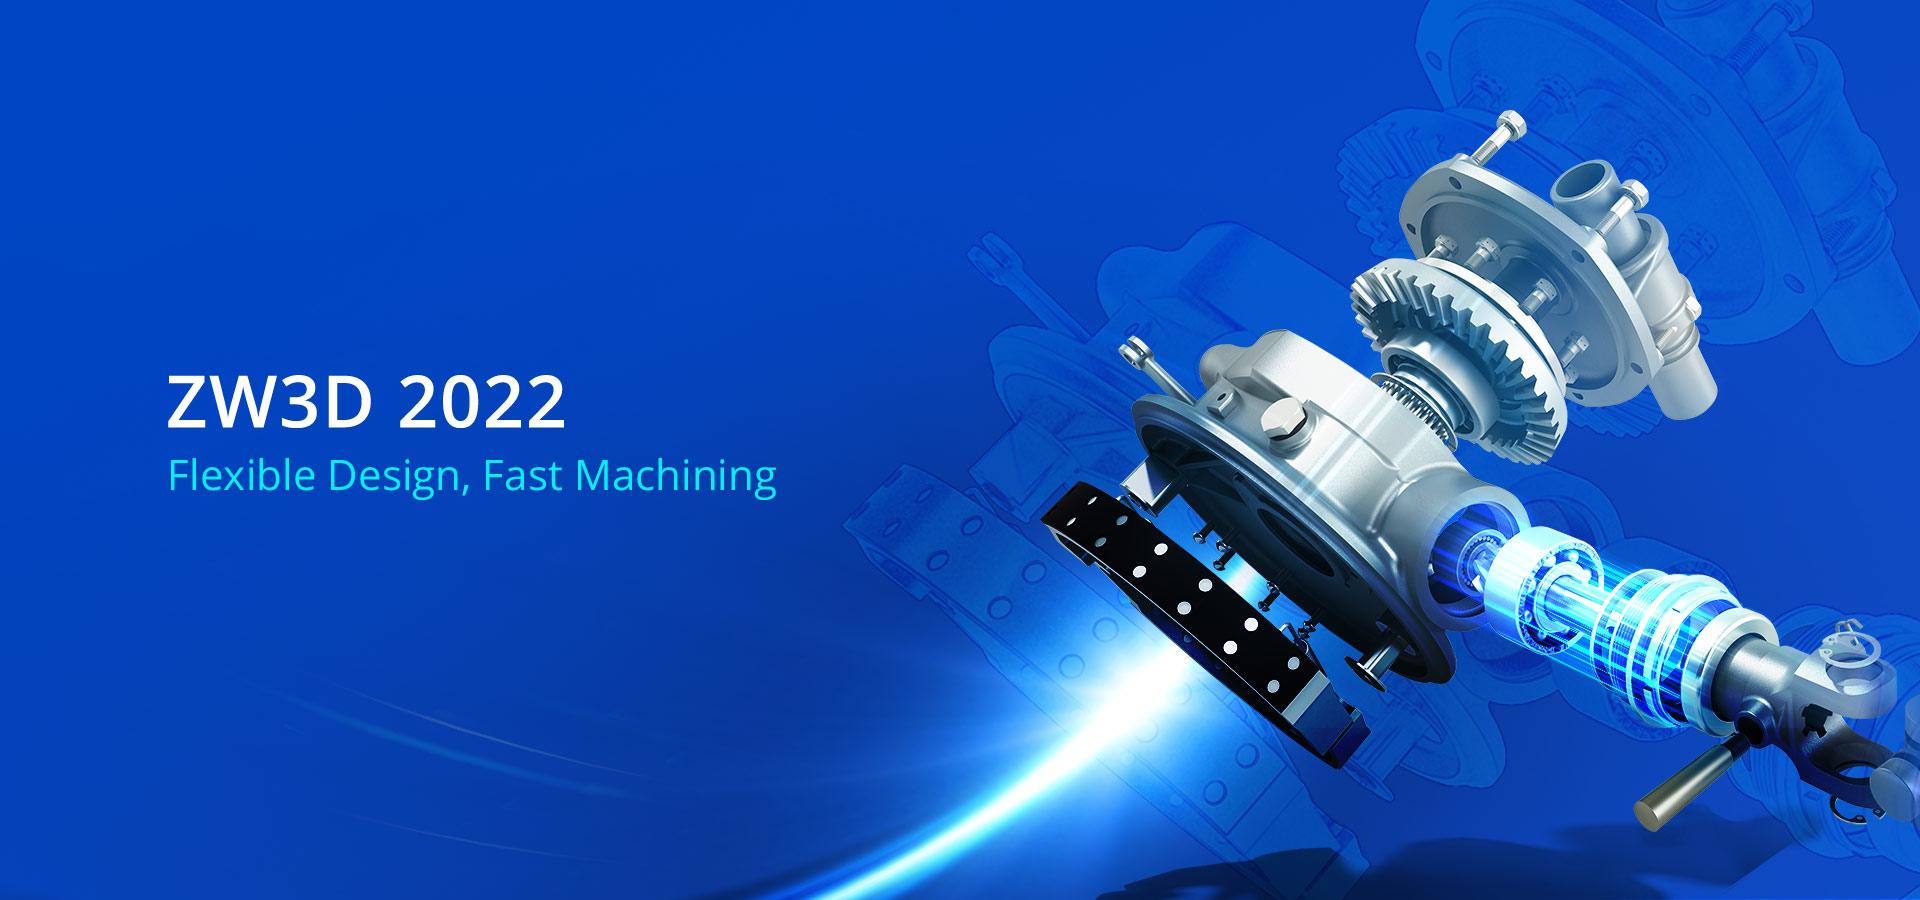 Banner_ZW3D 2022_1920x900_no CTA